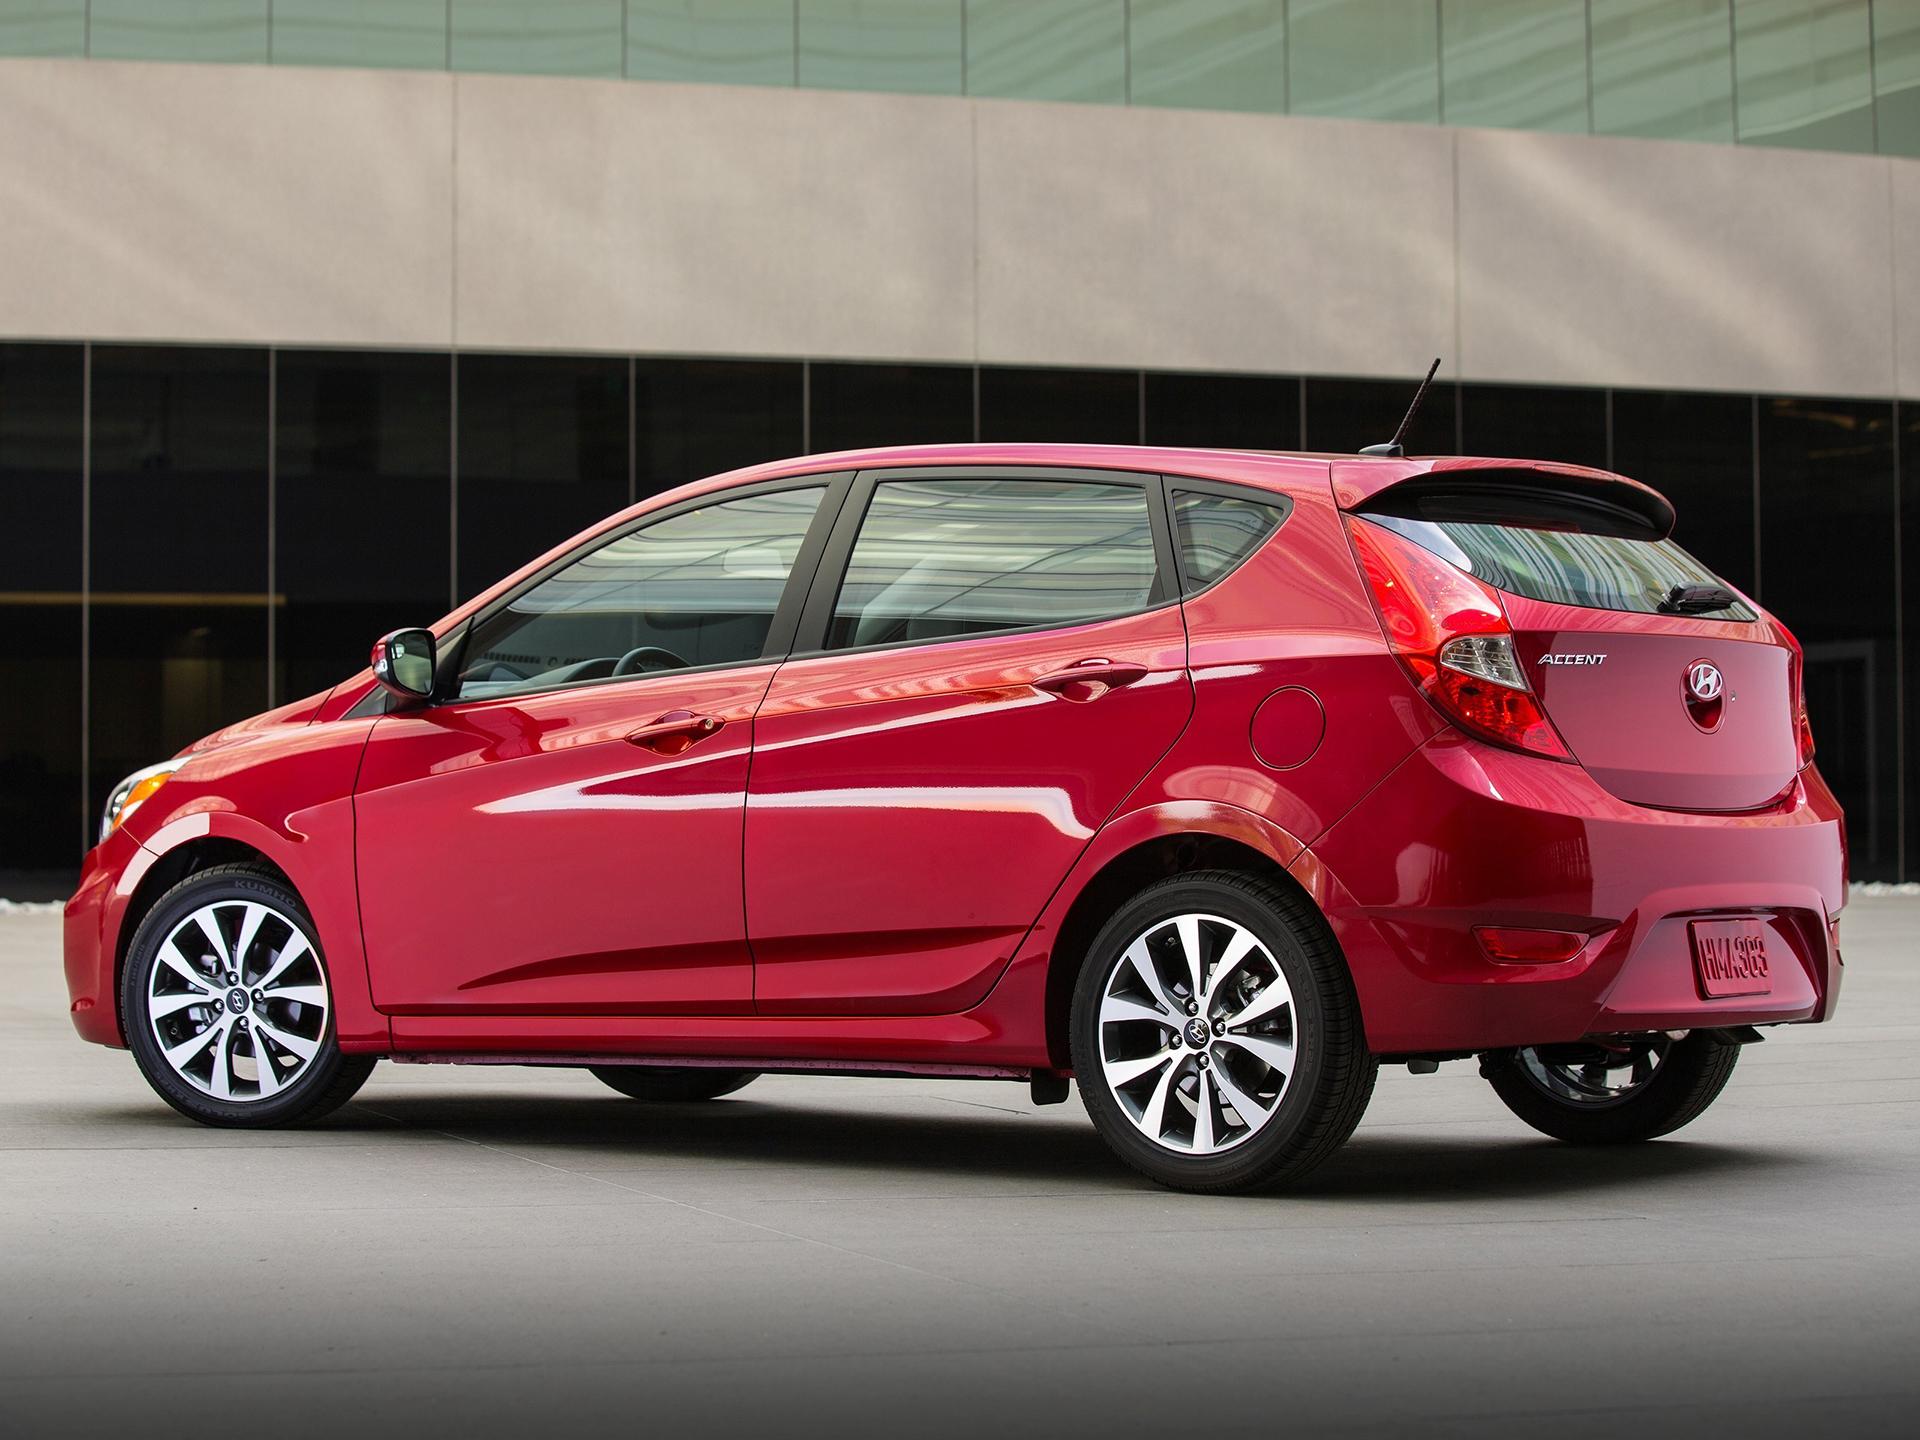 En Estados Unidos, se vende una versión hatchback y una sedán. Sin embargo, a México solo se confirmó el sedán. Foto: Hyundai